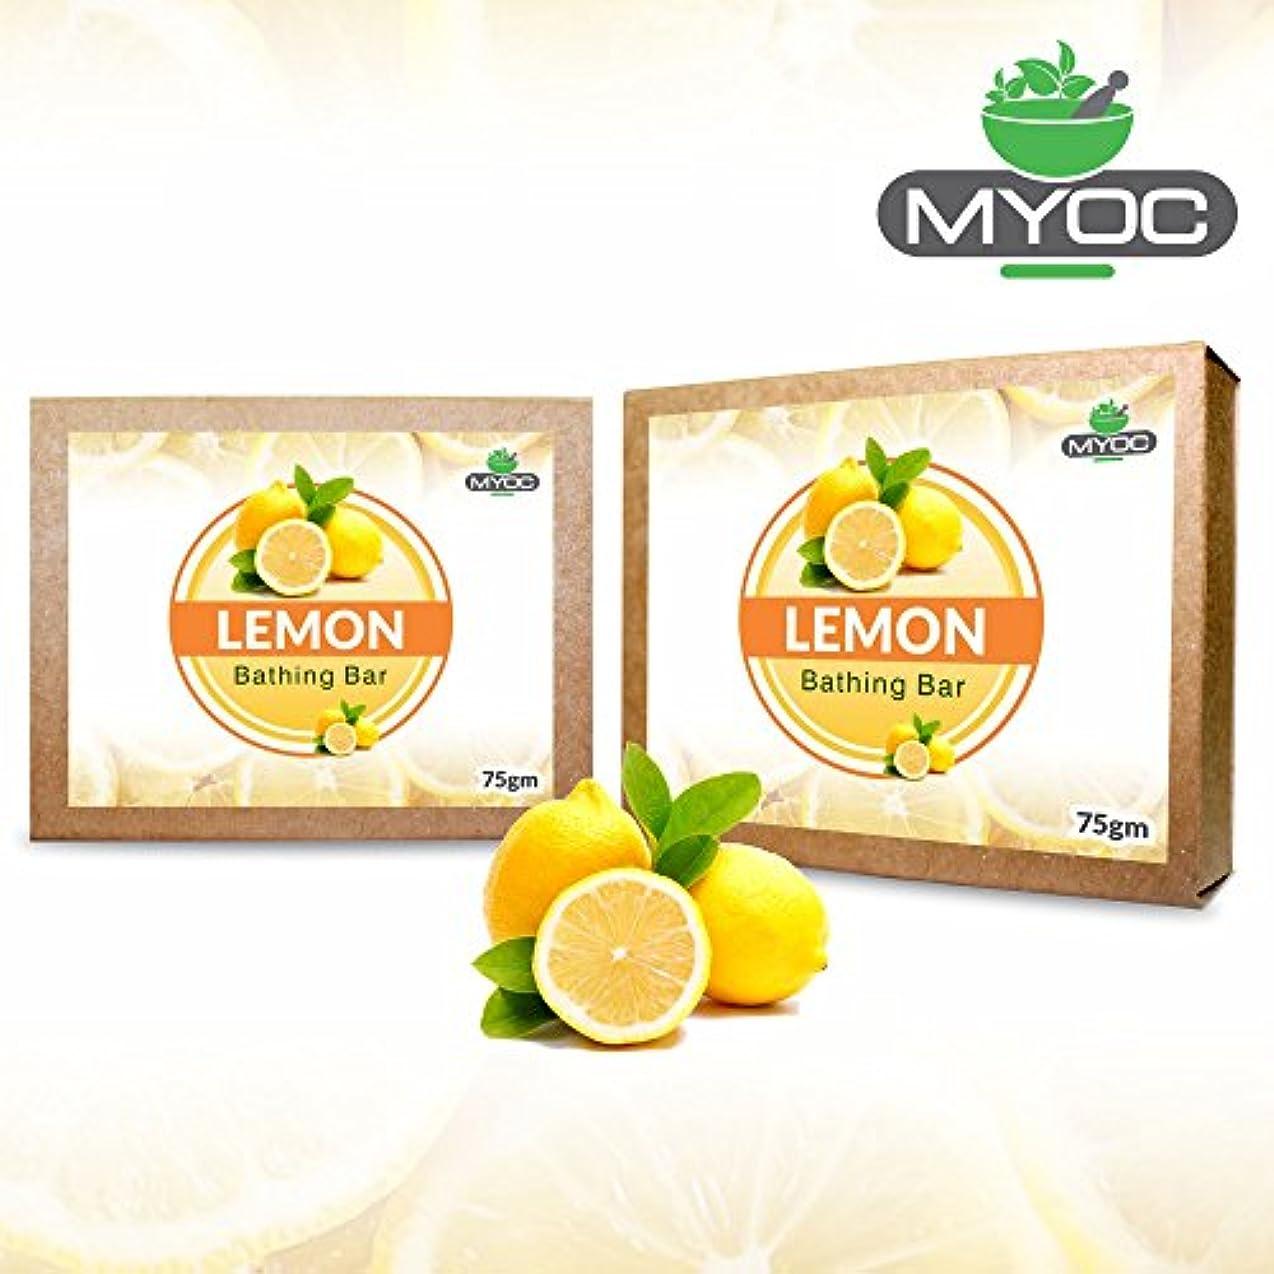 パイプ労苦ジレンマLemon Oil And Vitamin E Astringent Soap, deodorant, antiseptic soap for clogged pores and acne prone skin 75g...